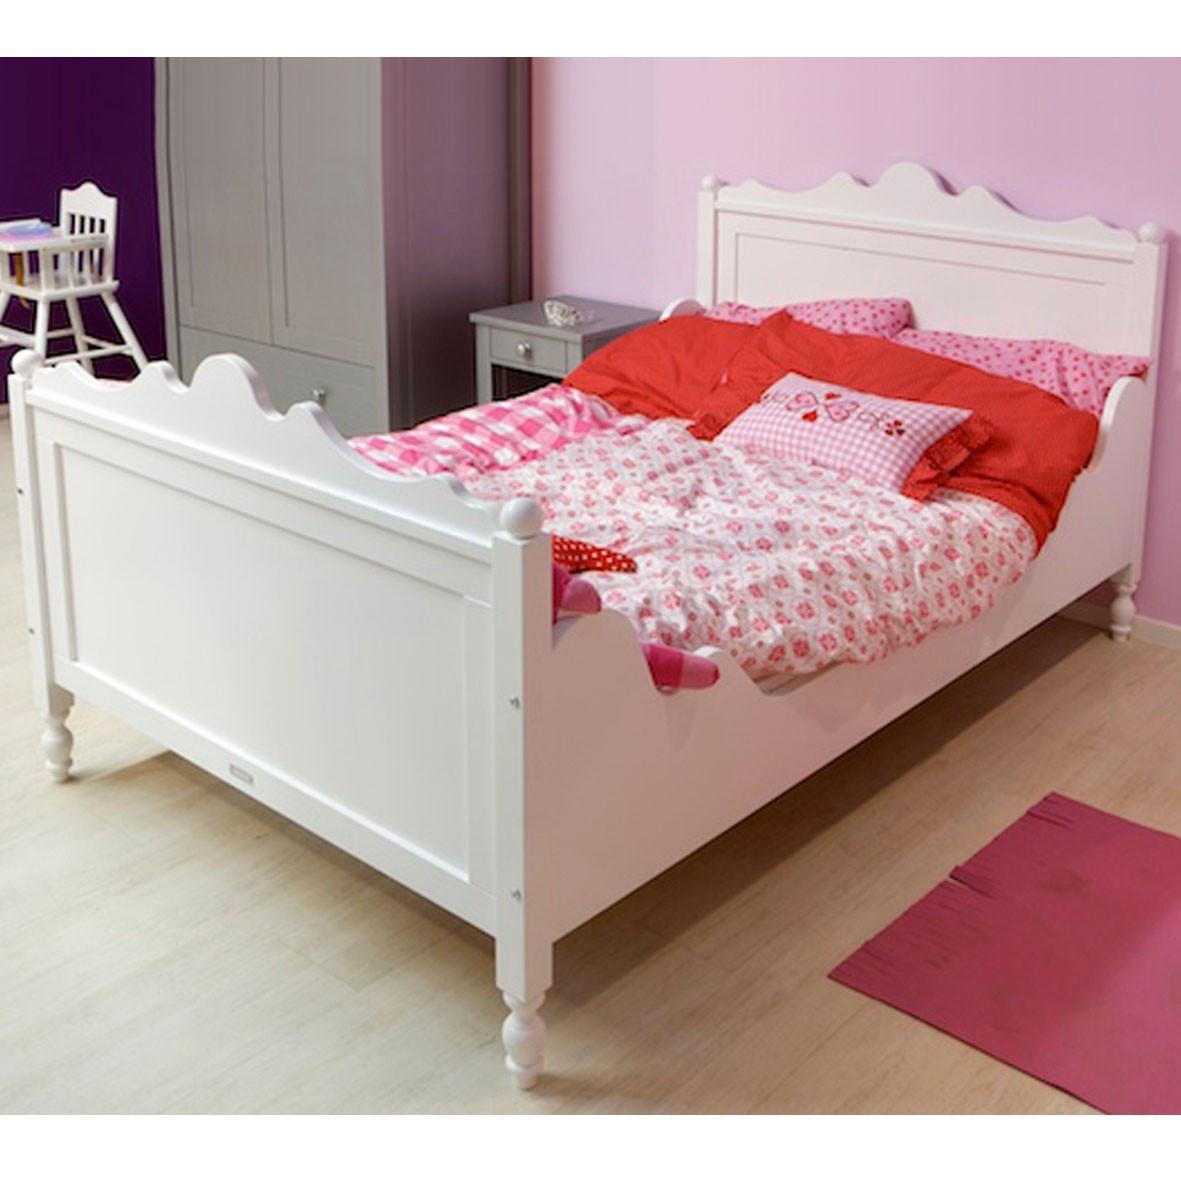 Full Size of Bopita Bettschublade Belle Twin Bett 120 200 Cm Vr Fhrung Beste Mbelideen Wohnzimmer Bopita Bettschublade